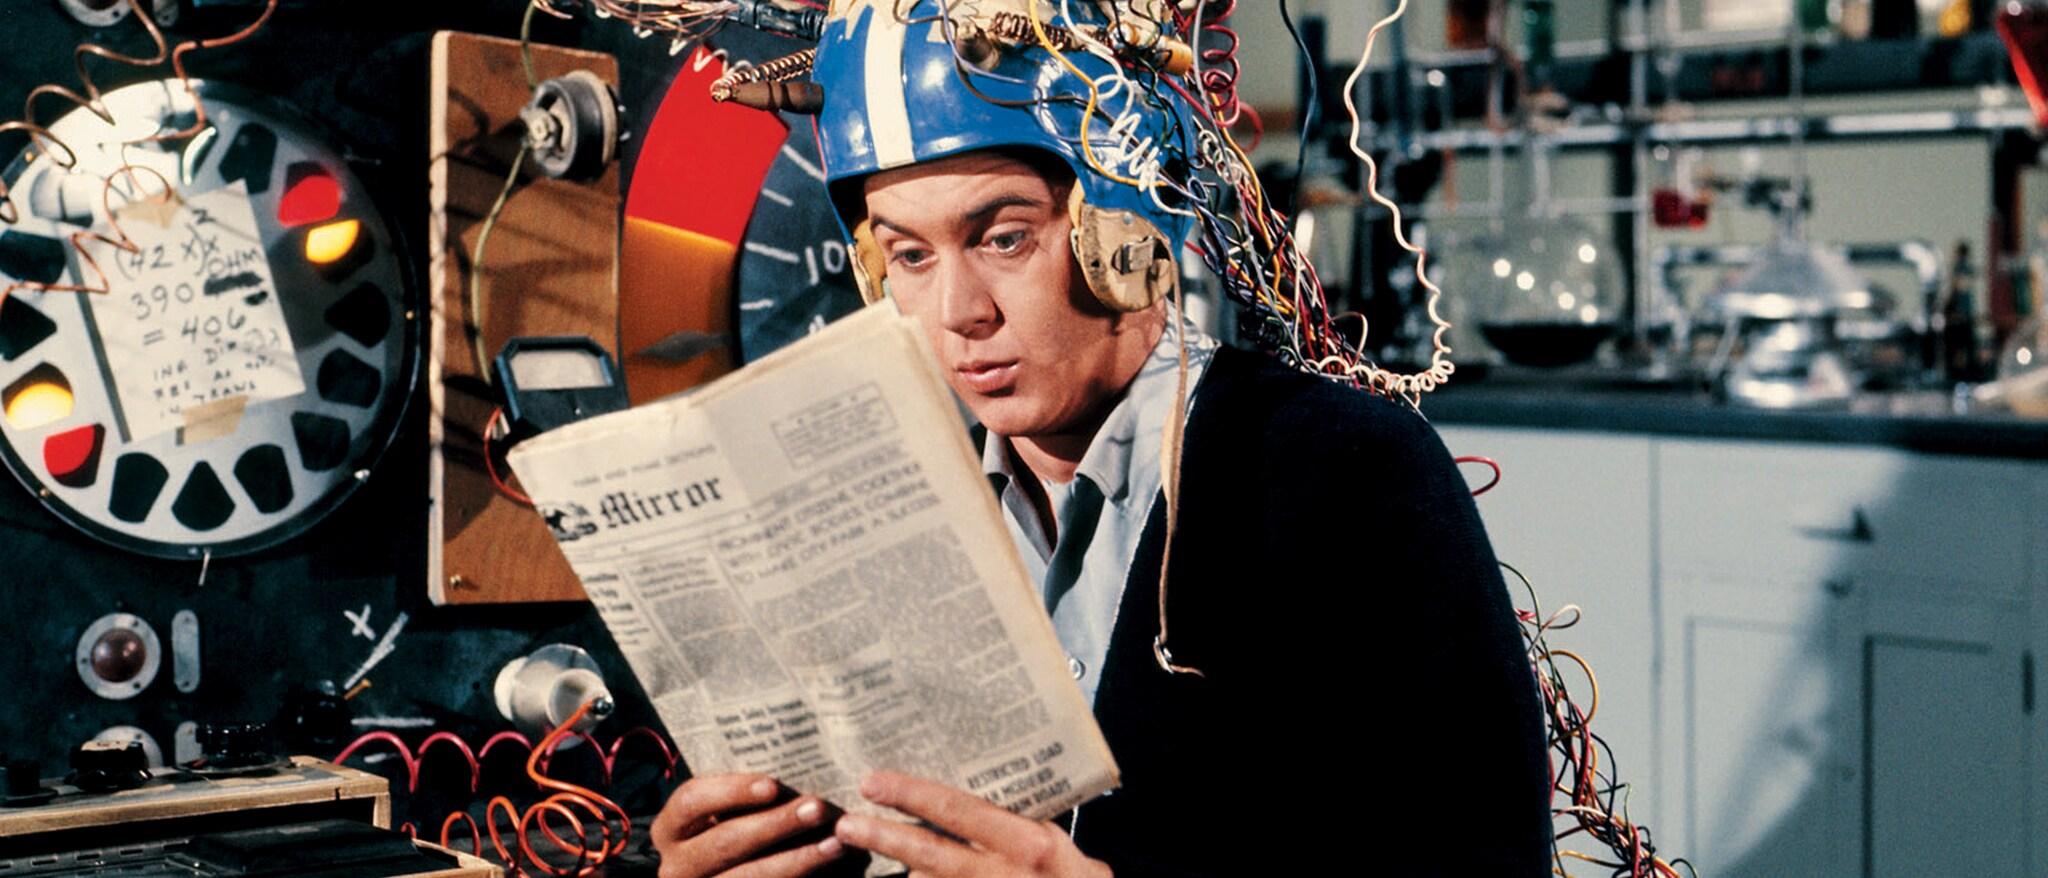 The Misadventures of Merlin Jones Hero